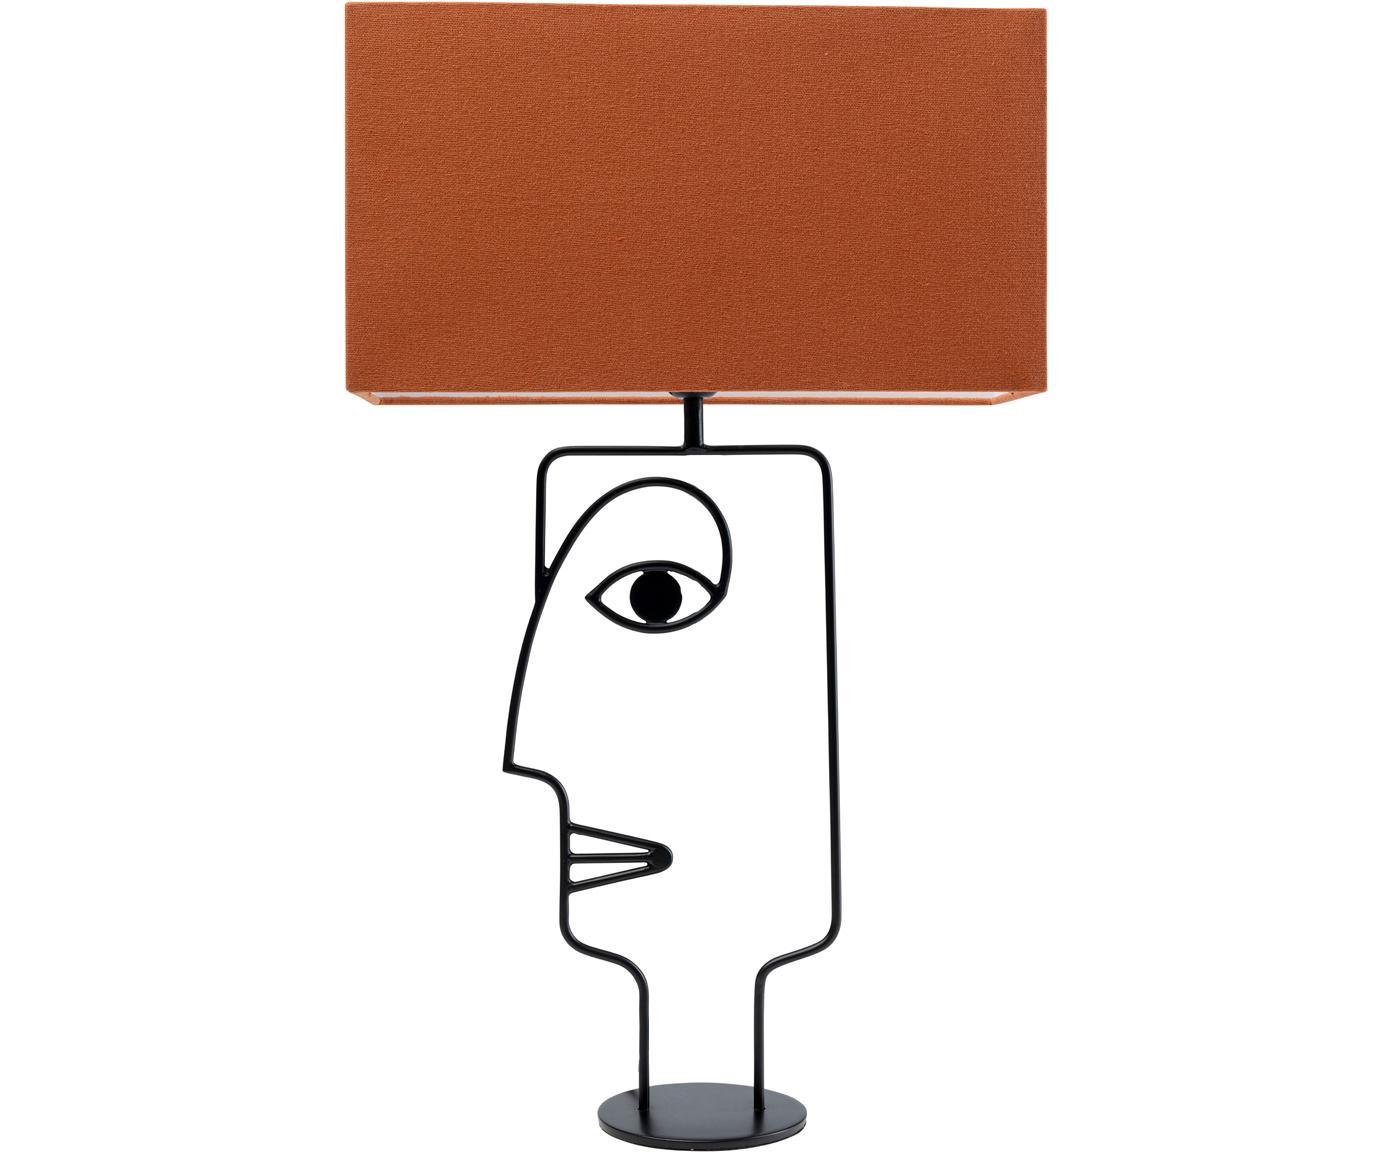 Große Tischleuchte Face Orange, Lampenschirm: Baumwolle, Gestell: Stahl, pulverbeschichtet, Lampenfuß: Stahl, pulverbeschichtet, Orange, Schwarz, 40 x 66 cm